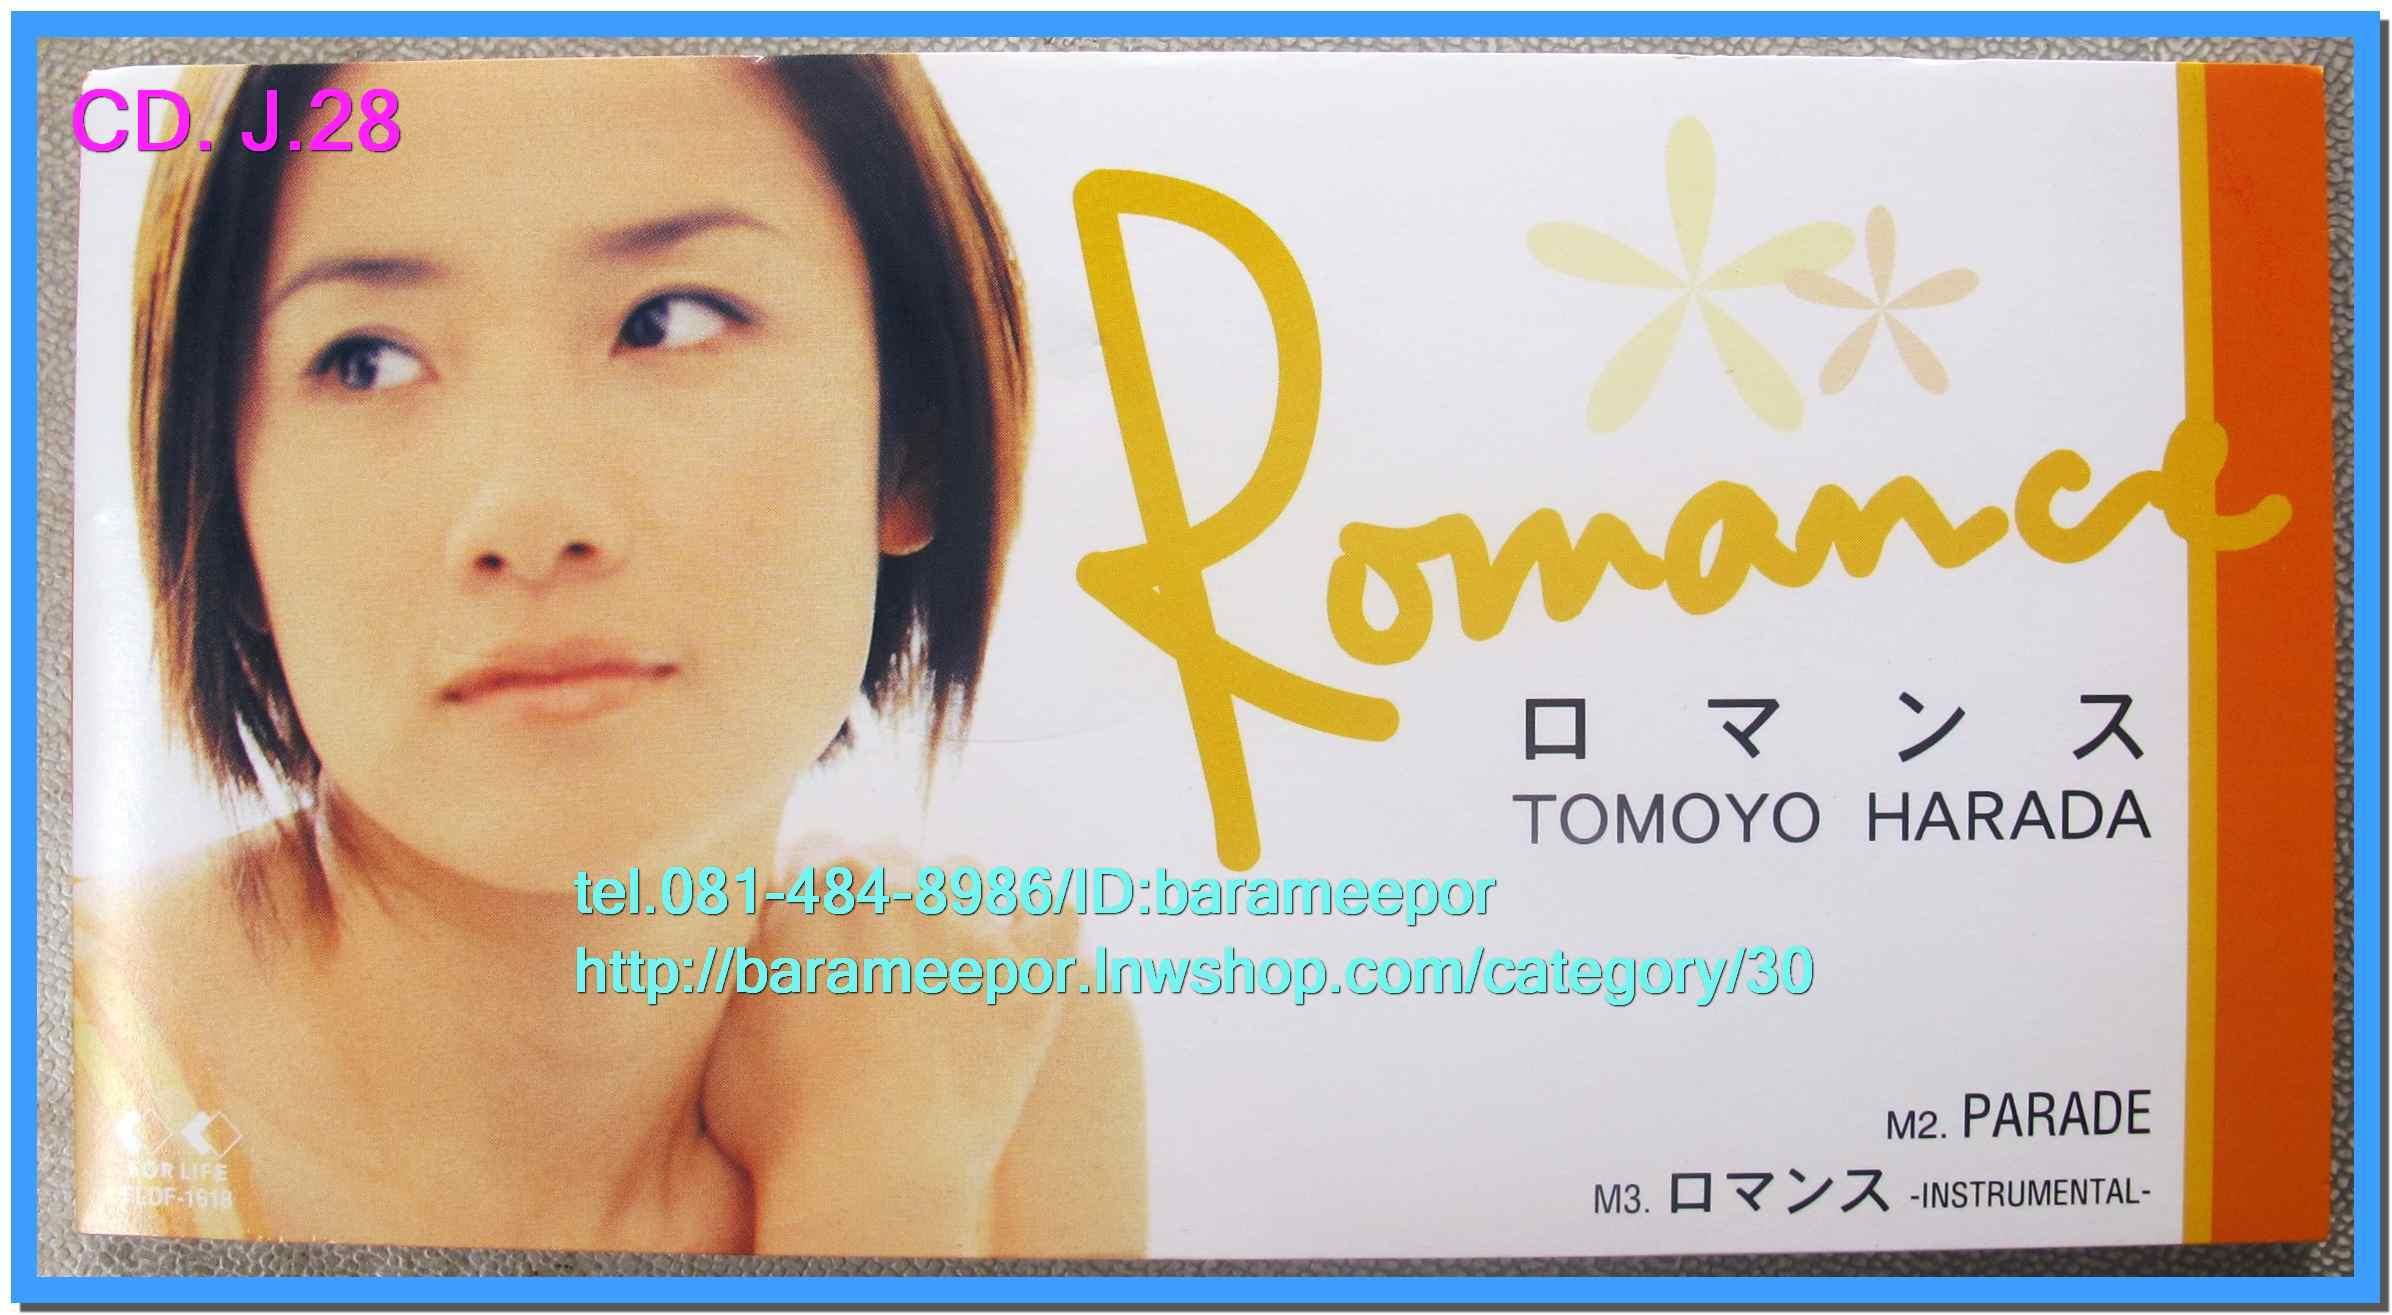 มินิ.ซีดี. TOMOYO HARADA อัลบั้ม Romance 3 เพลง